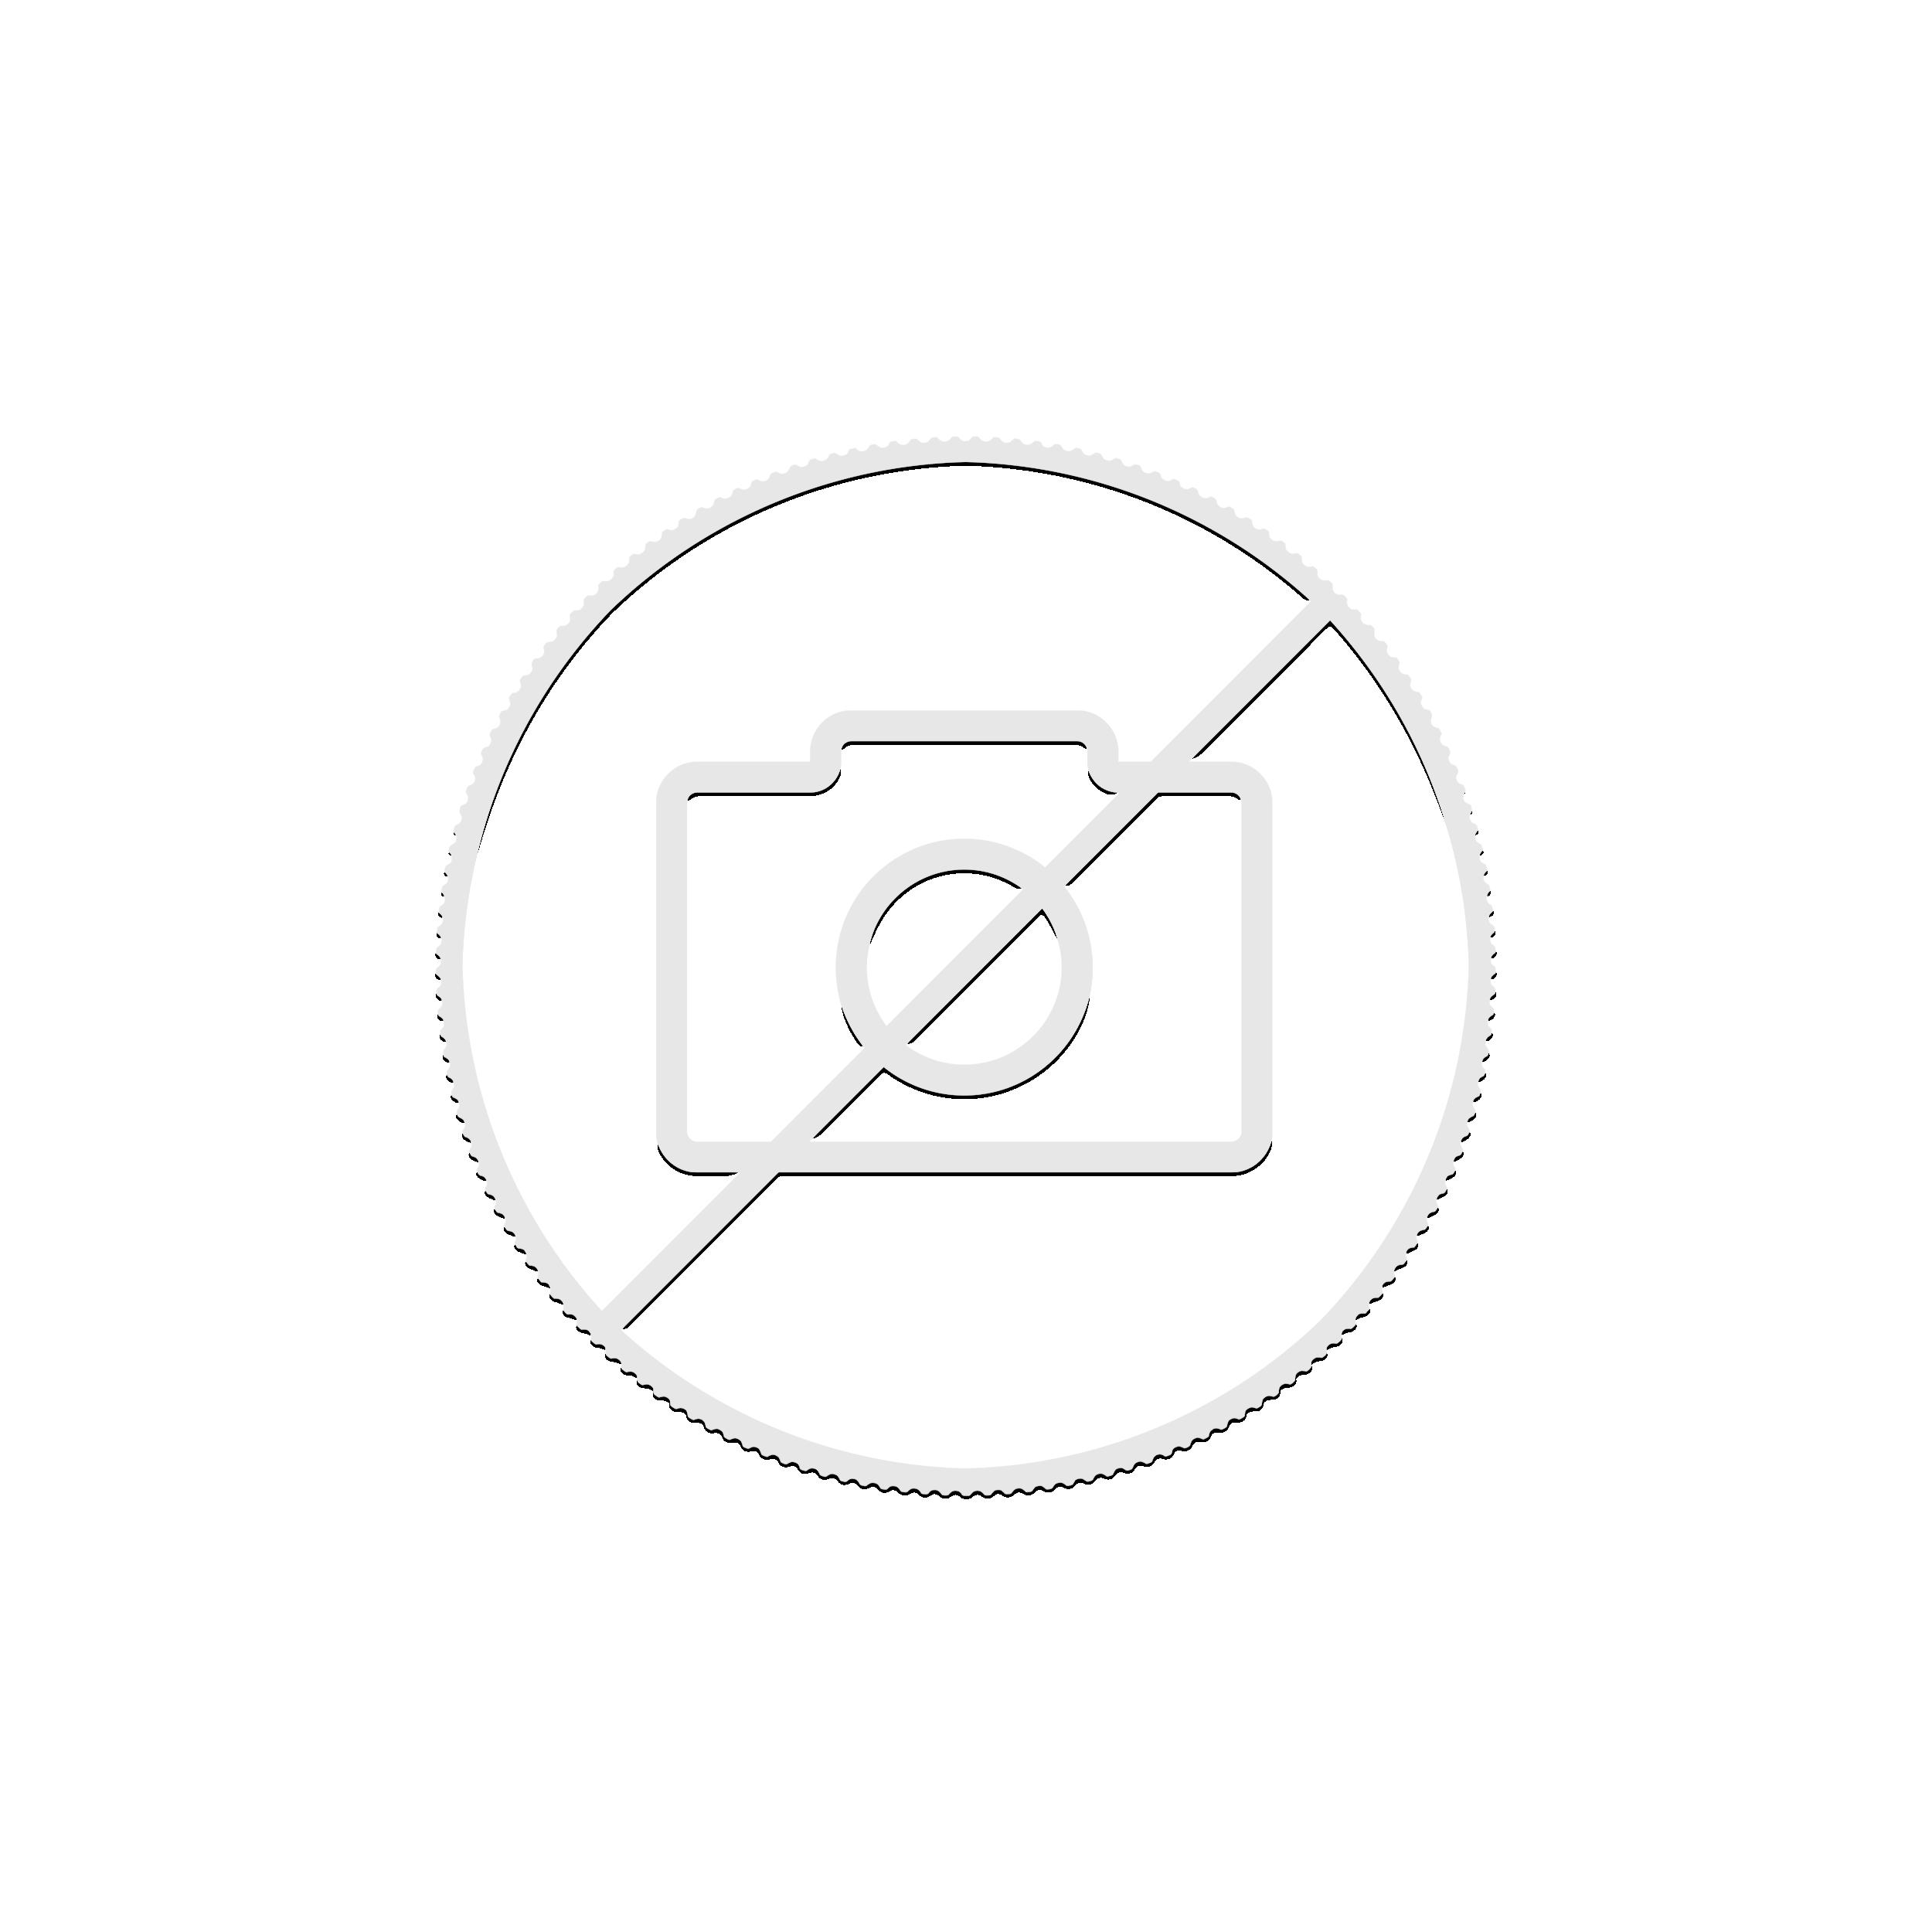 1 Troy ounce silver coin Kookaburra 2013